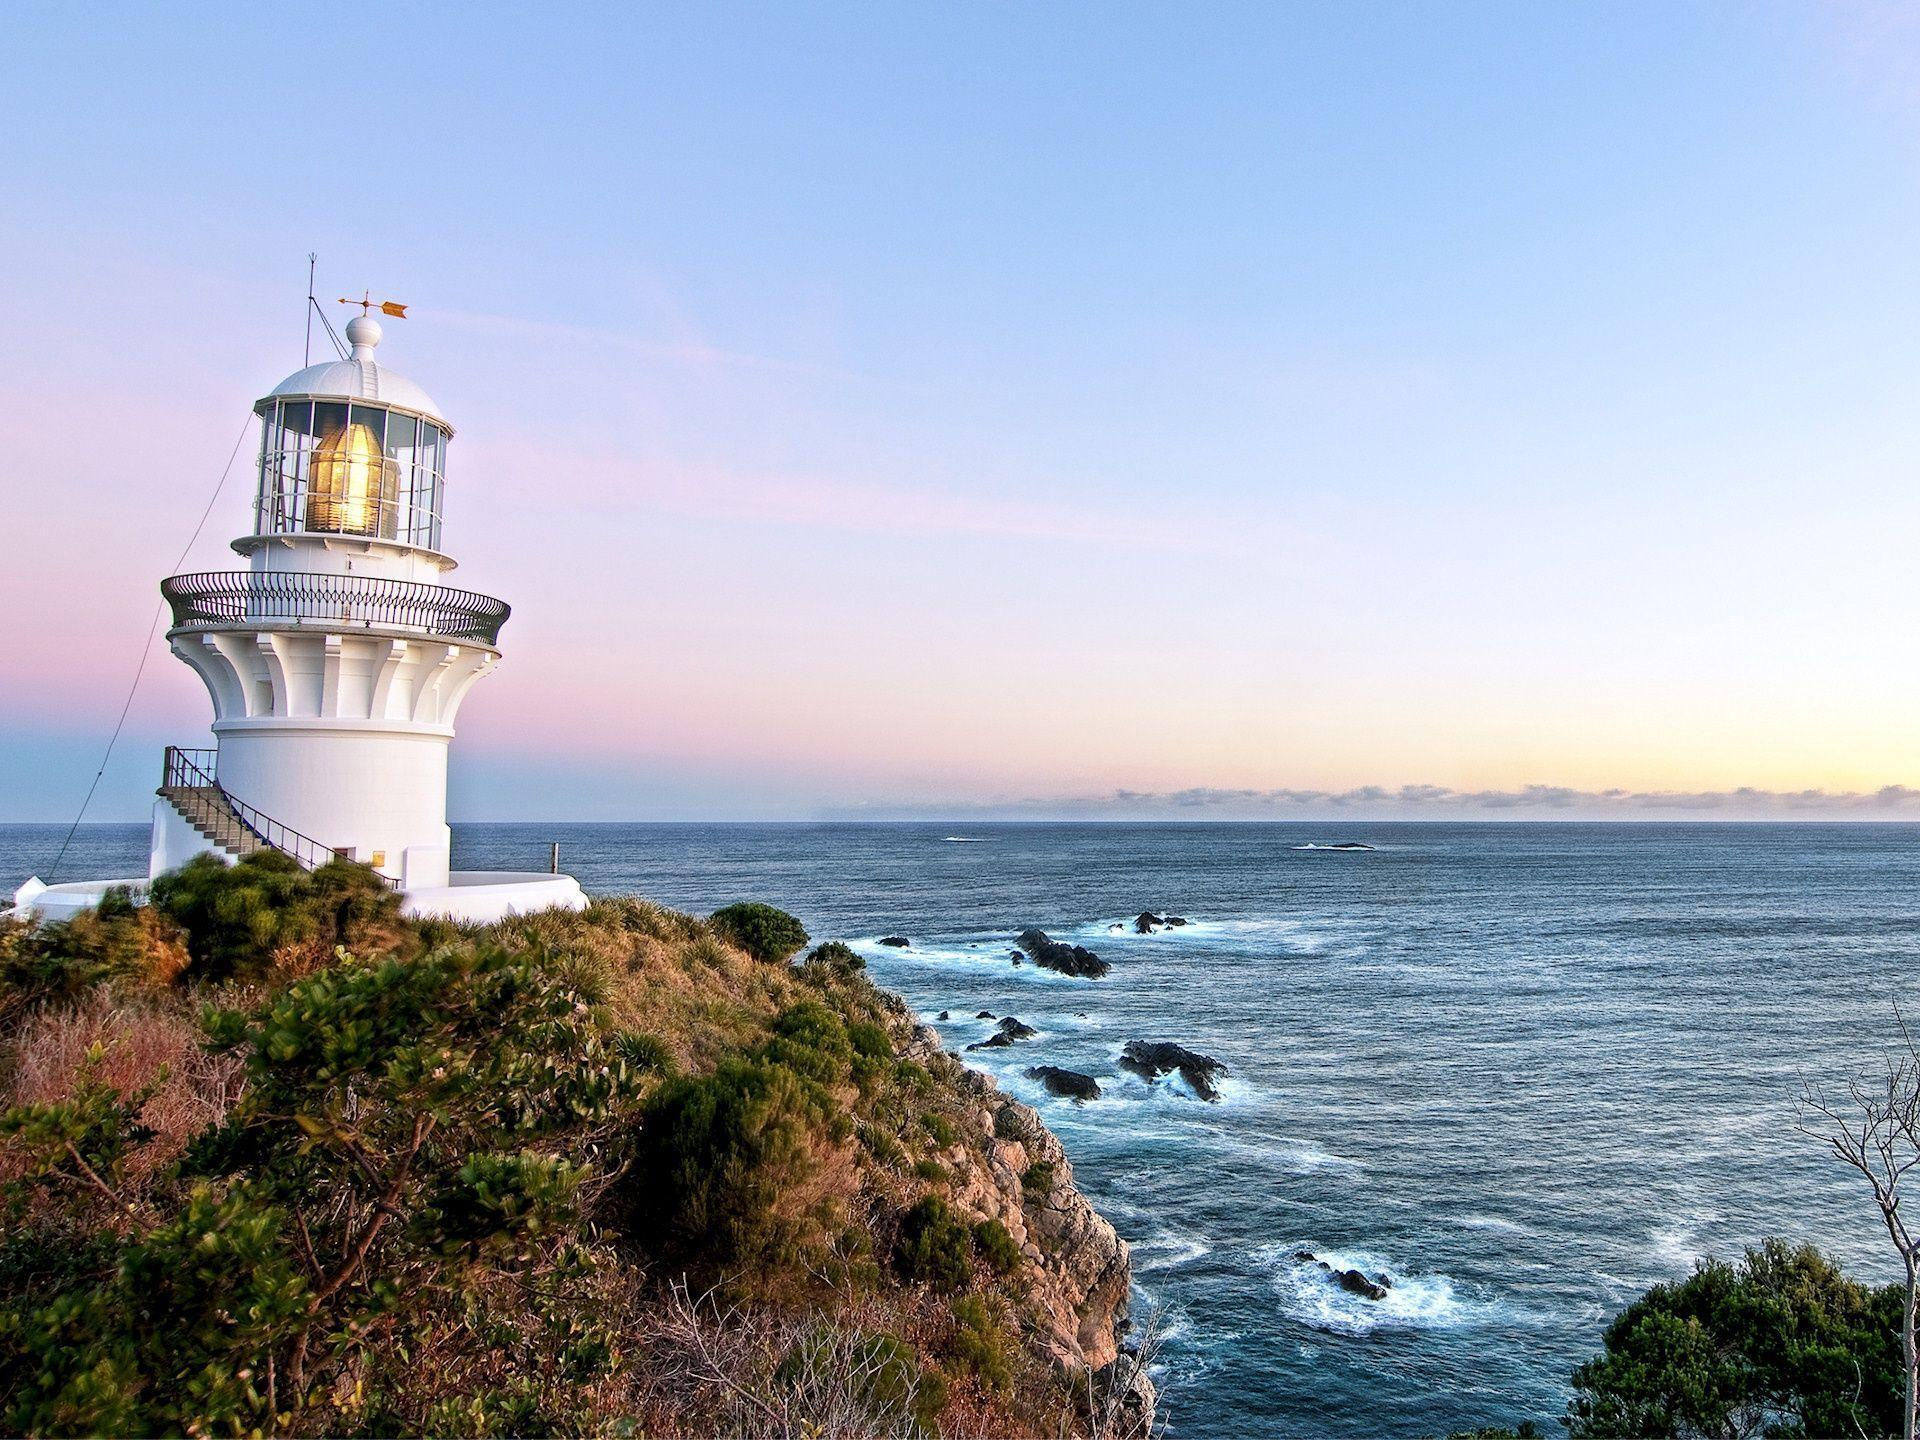 lighthouse desktop wallpaper 7900 - photo #8